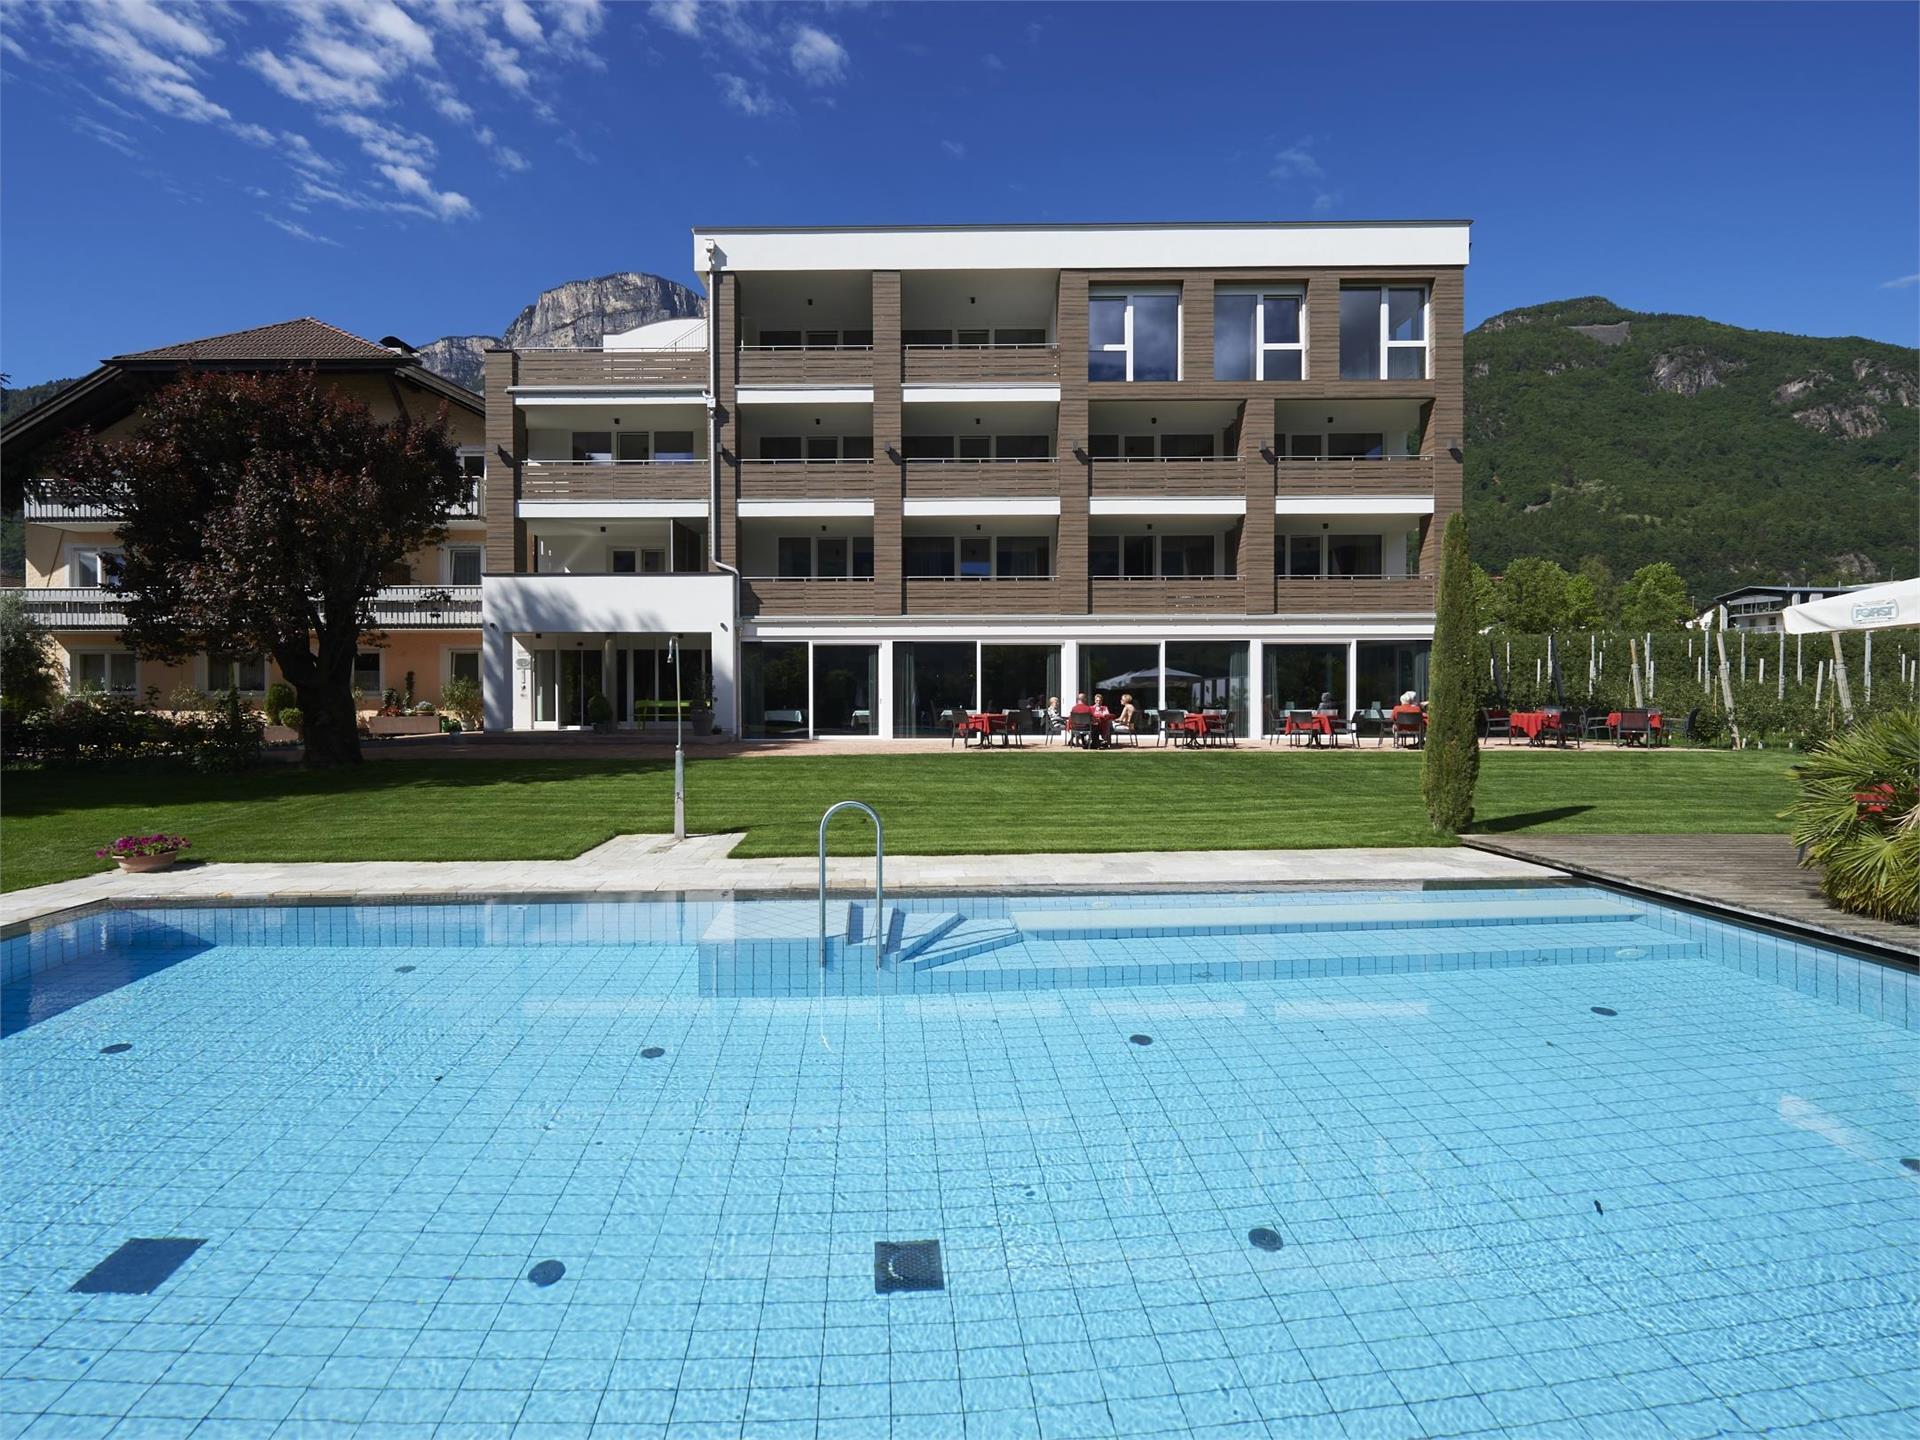 Hotel Gantkofel